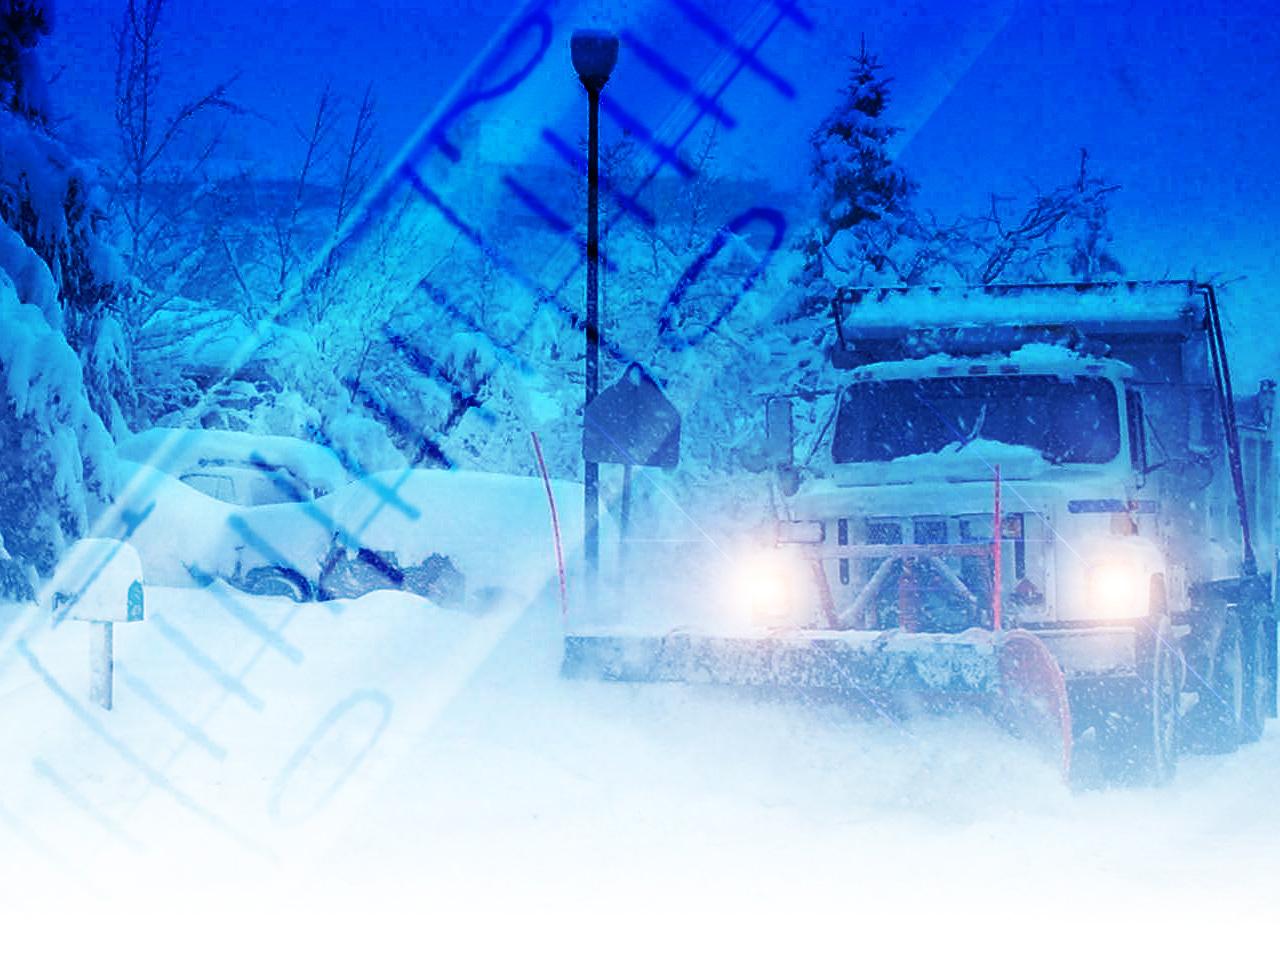 snowplow_1542328647184.jpg